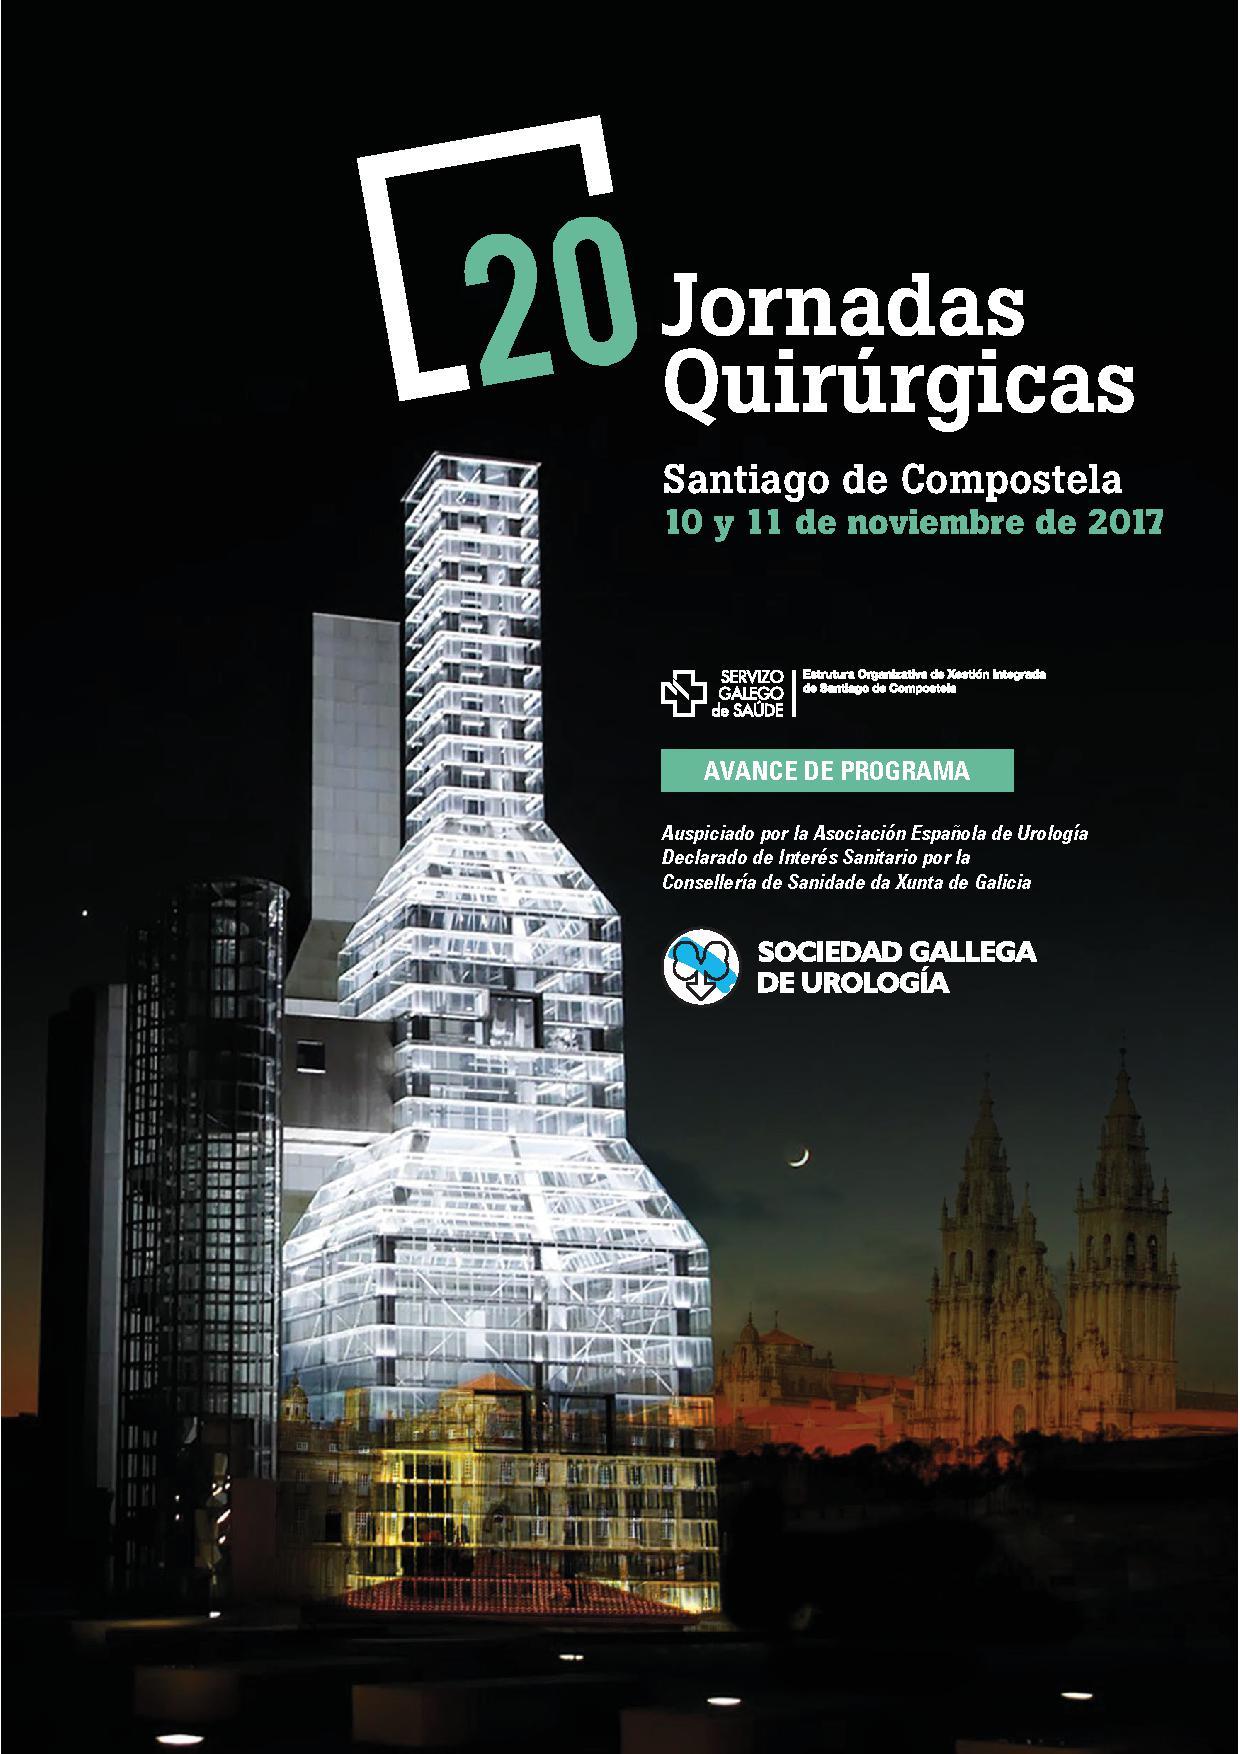 XX Jornadas Quirúrgicas de la Sociedad Gallega de Urología